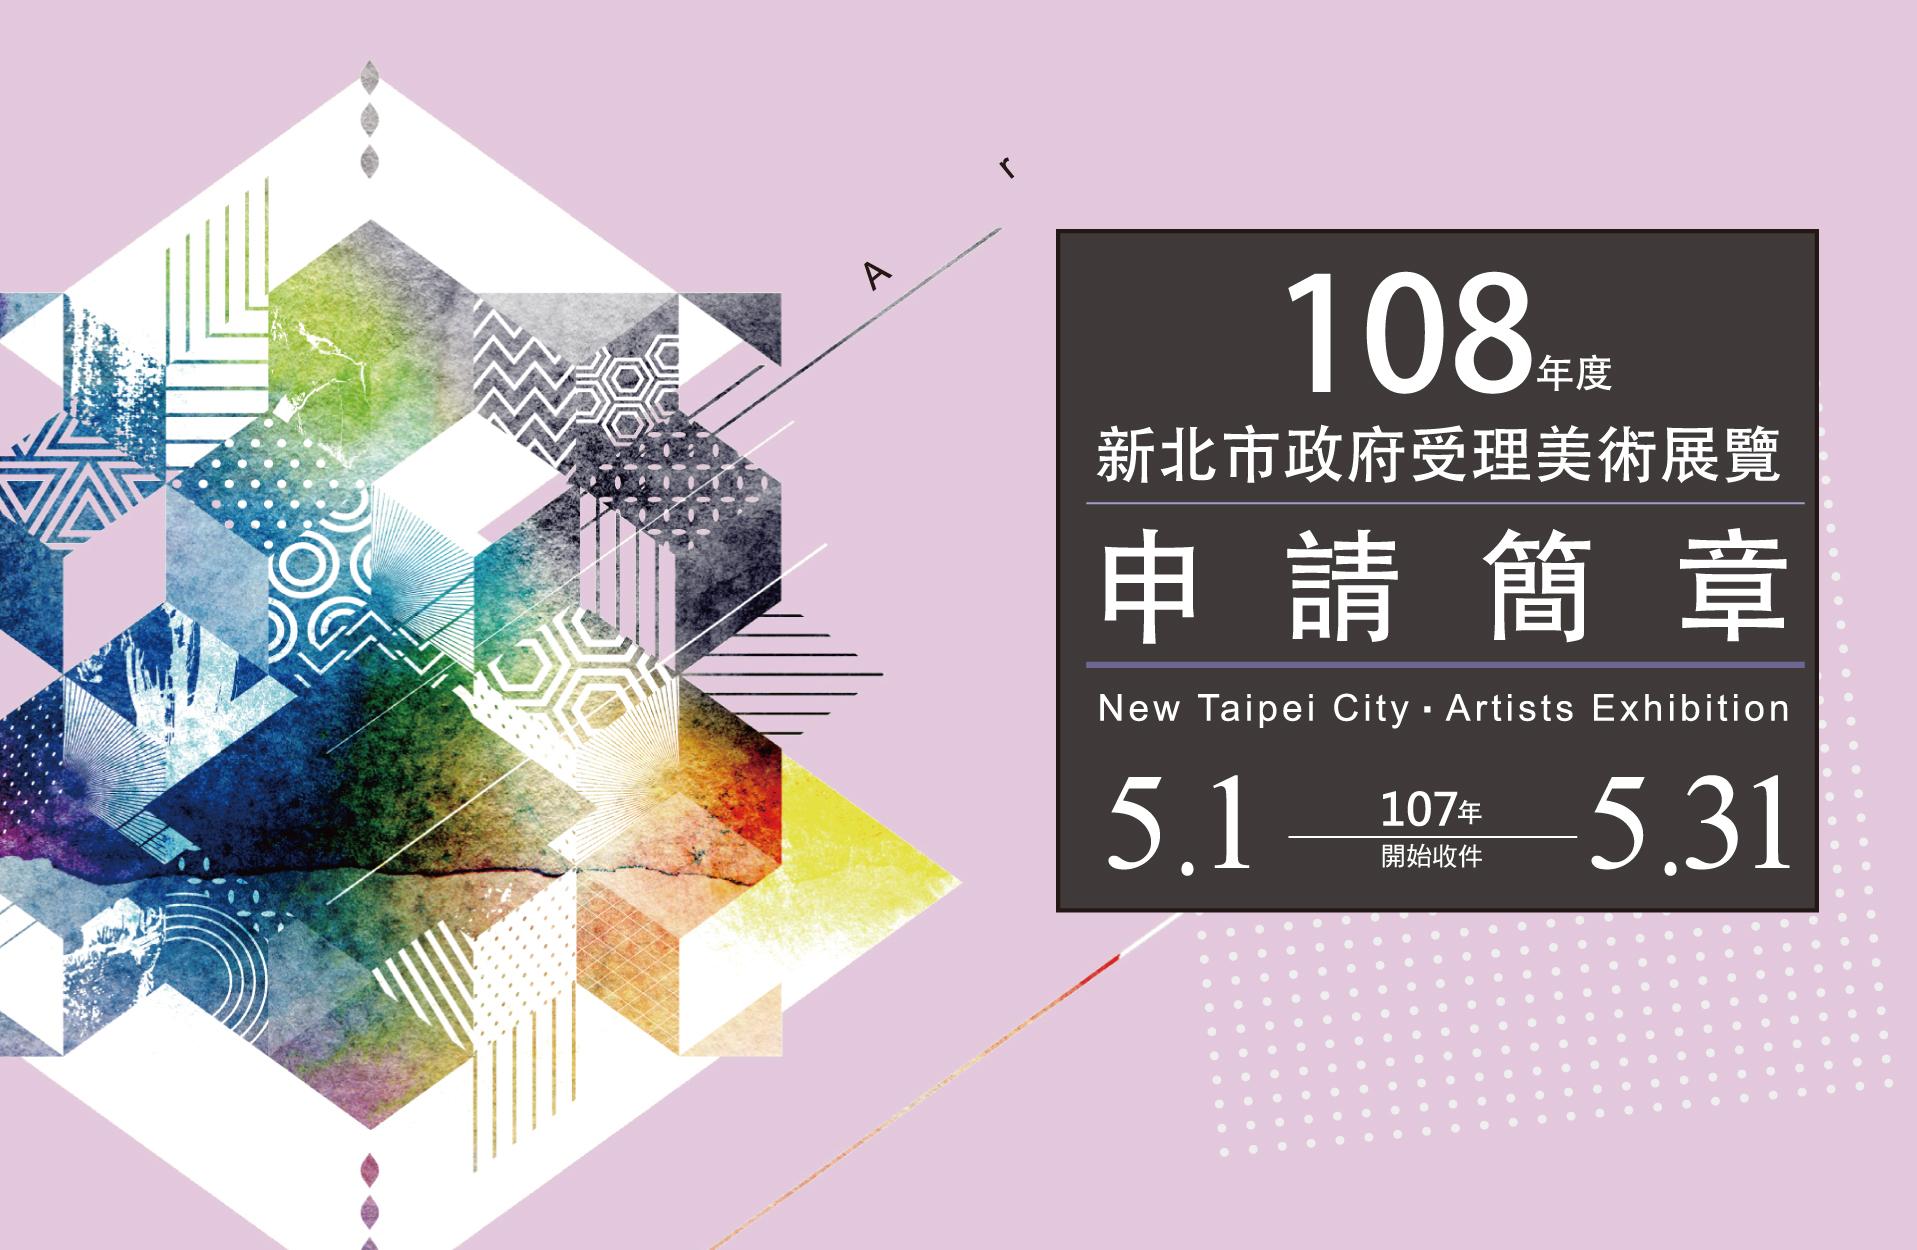 【公告】108年度美術展覽申請展審查結果